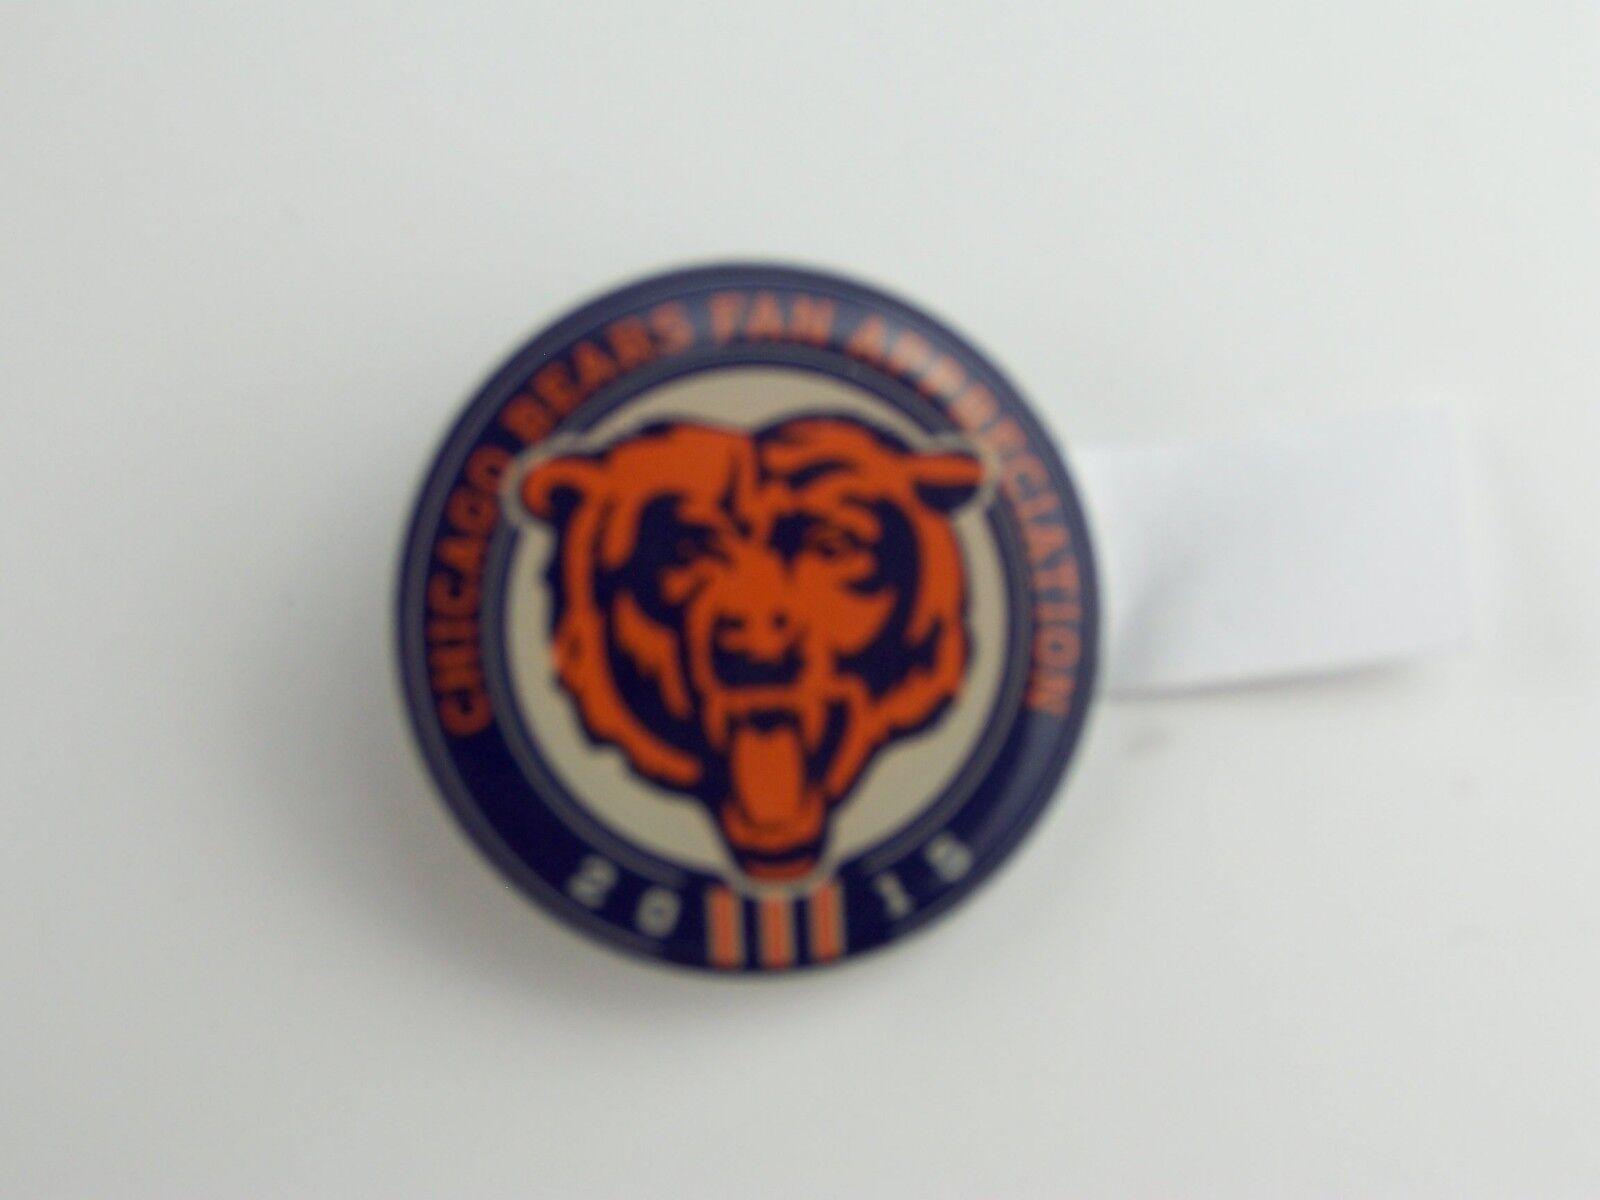 2015 Chicago Bears Fan Appreciation Pin